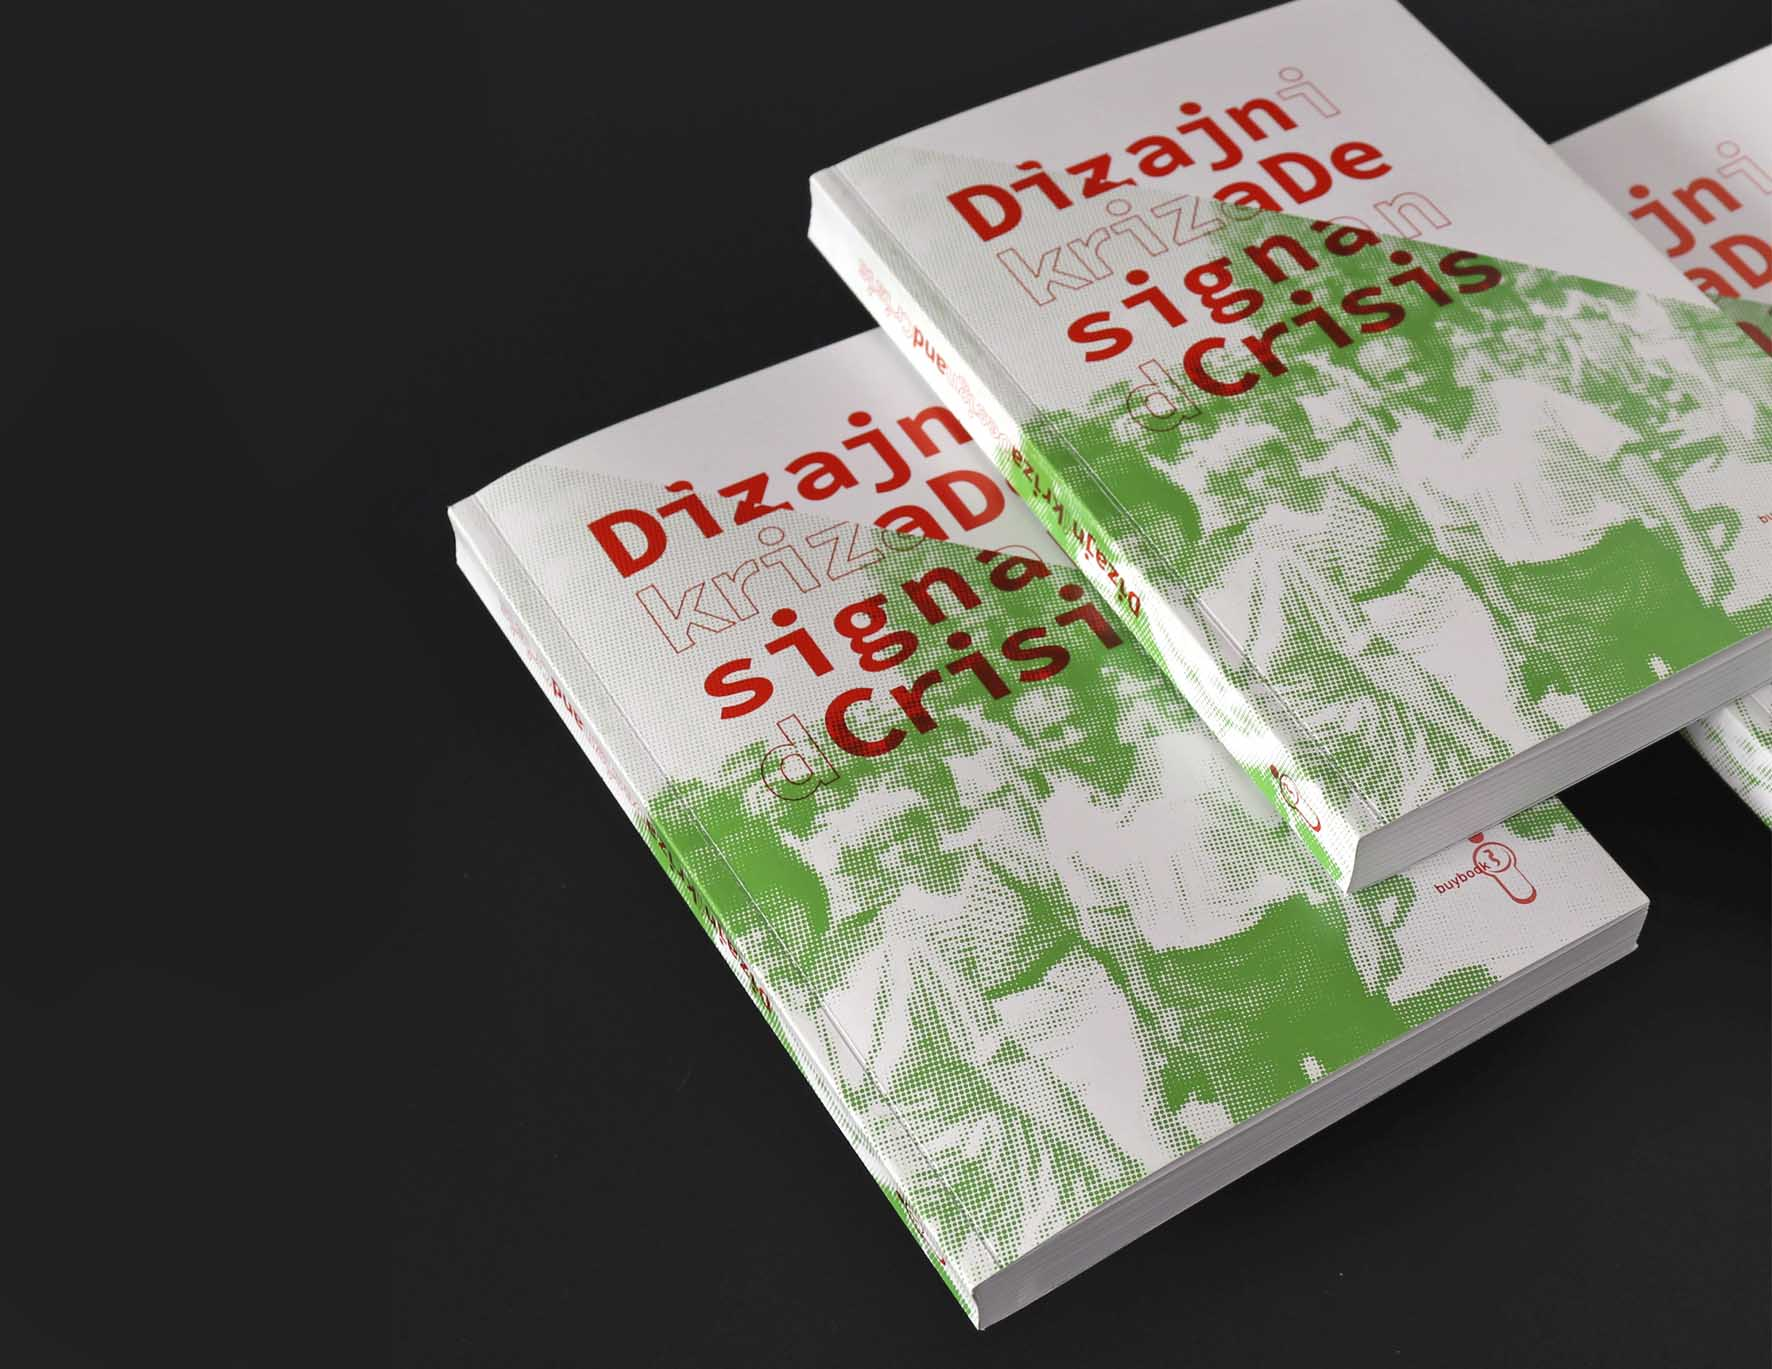 Objavljena publikacija Dizajn i kriza uz istoimeni kolegij Tekstilnog odsjeka u Bihaću